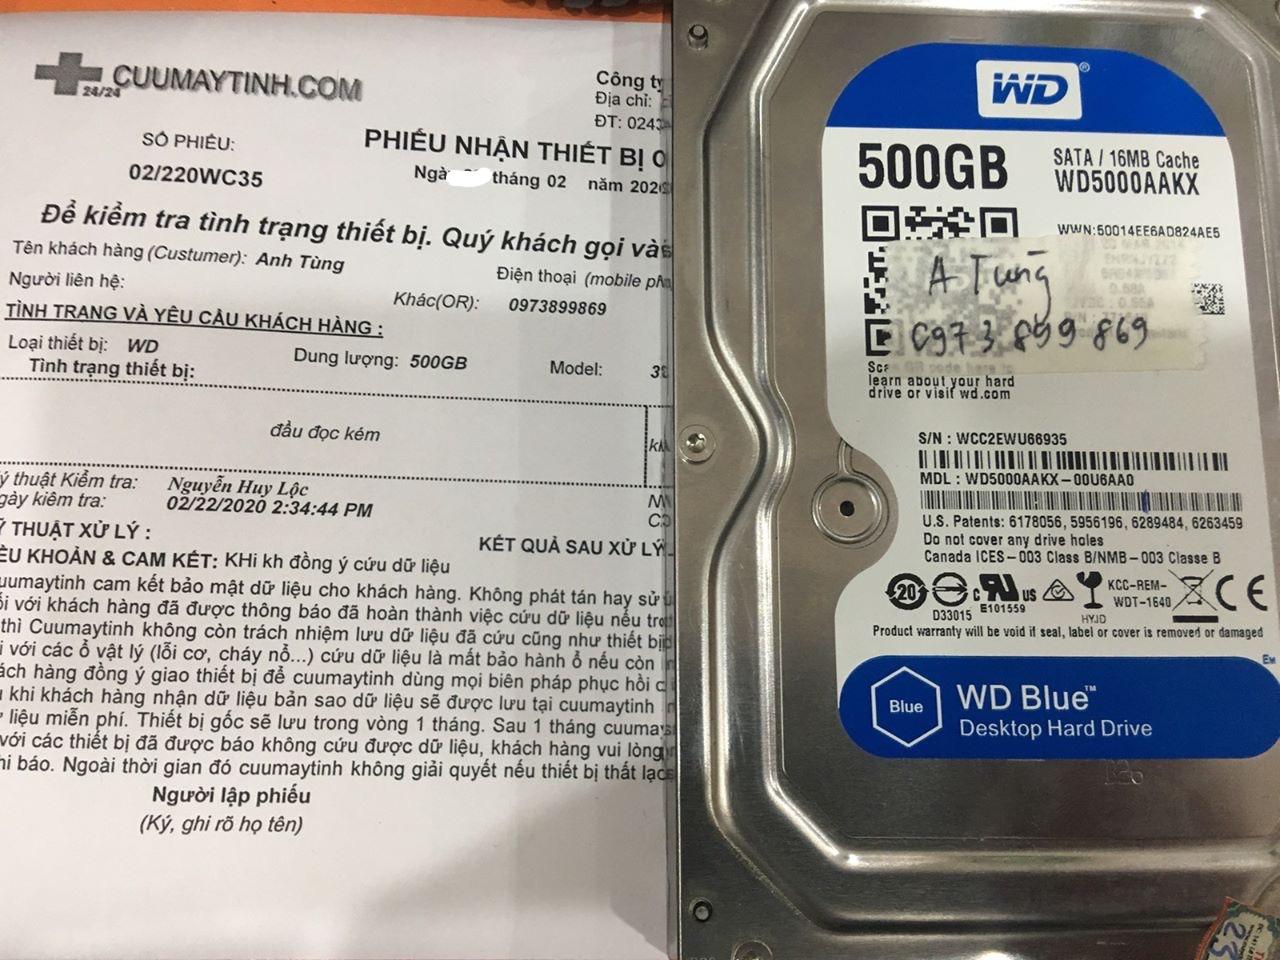 Lấy dữ liệu ổ cứng Western 500GB đầu đọc kém 29/02/2020 - cuumaytinh